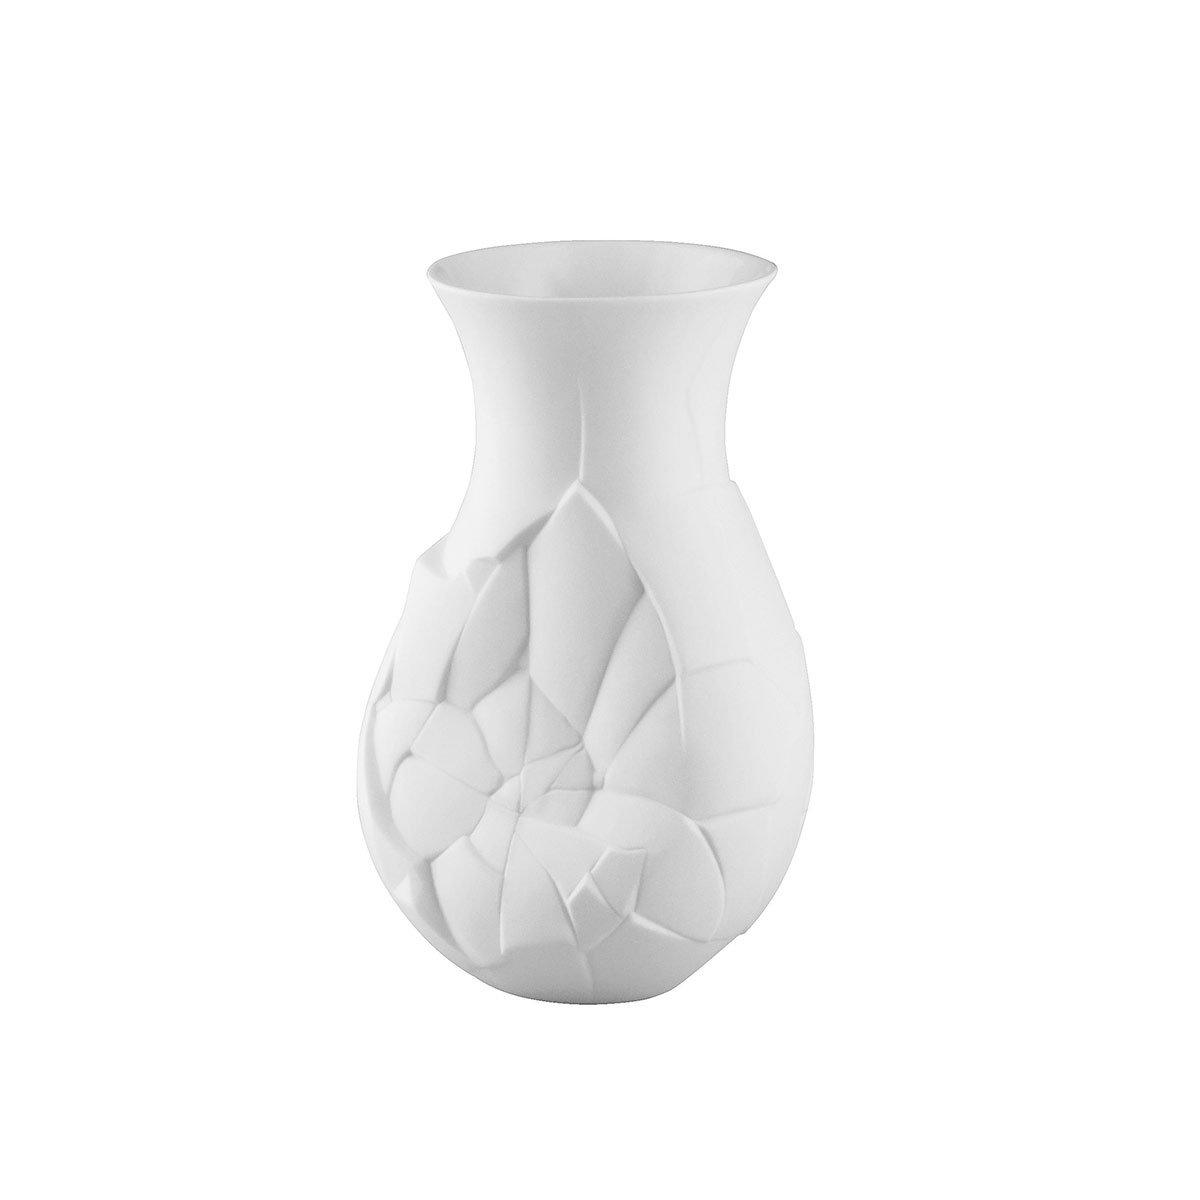 Rosenthal Vase of Phases Schwarz Vase 21 cm 26021